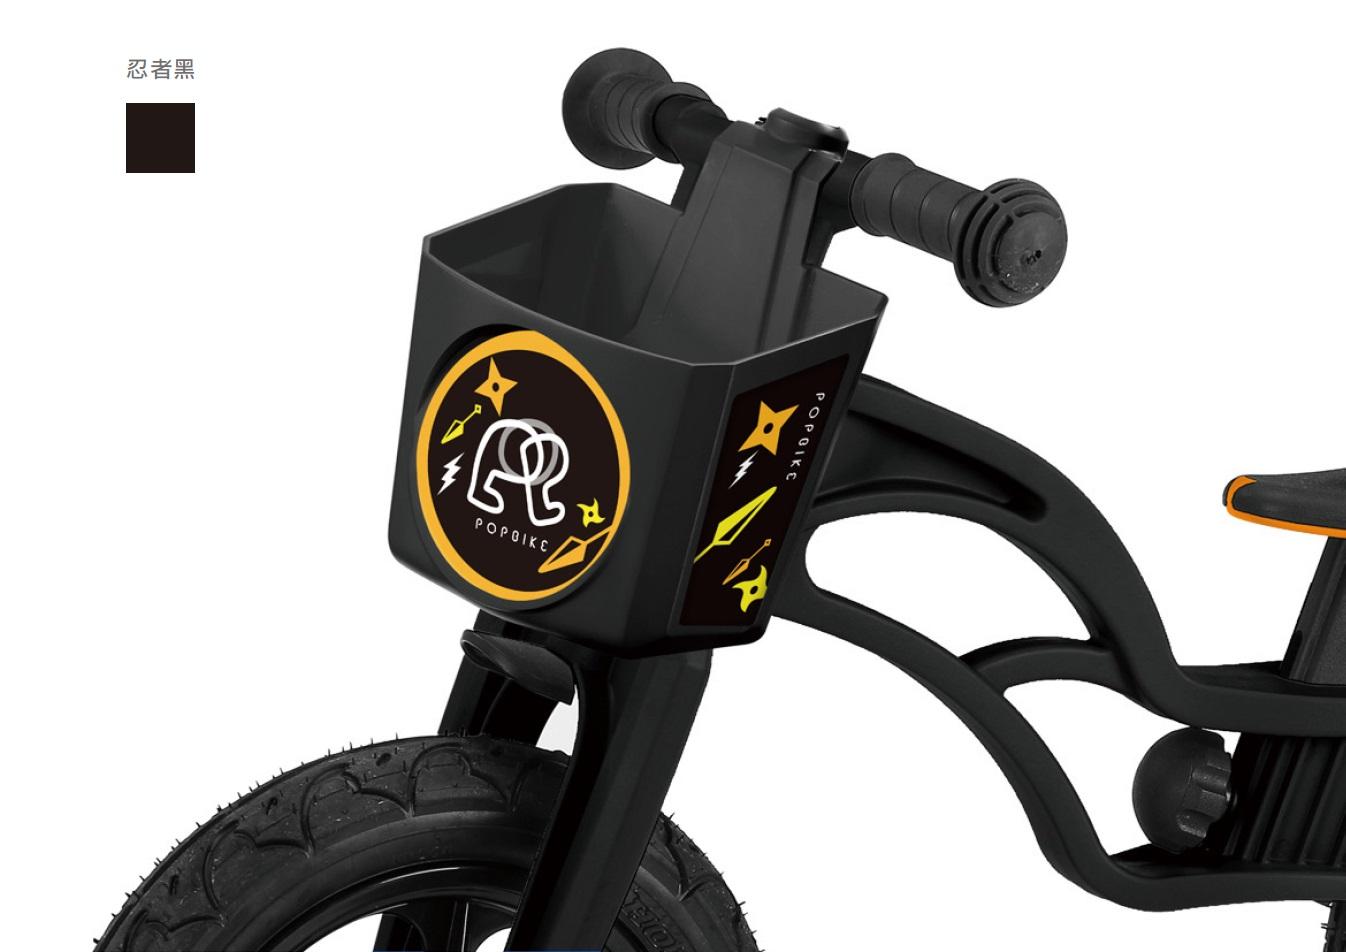 POPBIKE 兒童滑步車/平衡車/學步車/ - 配件 車籃 (忍者黑)